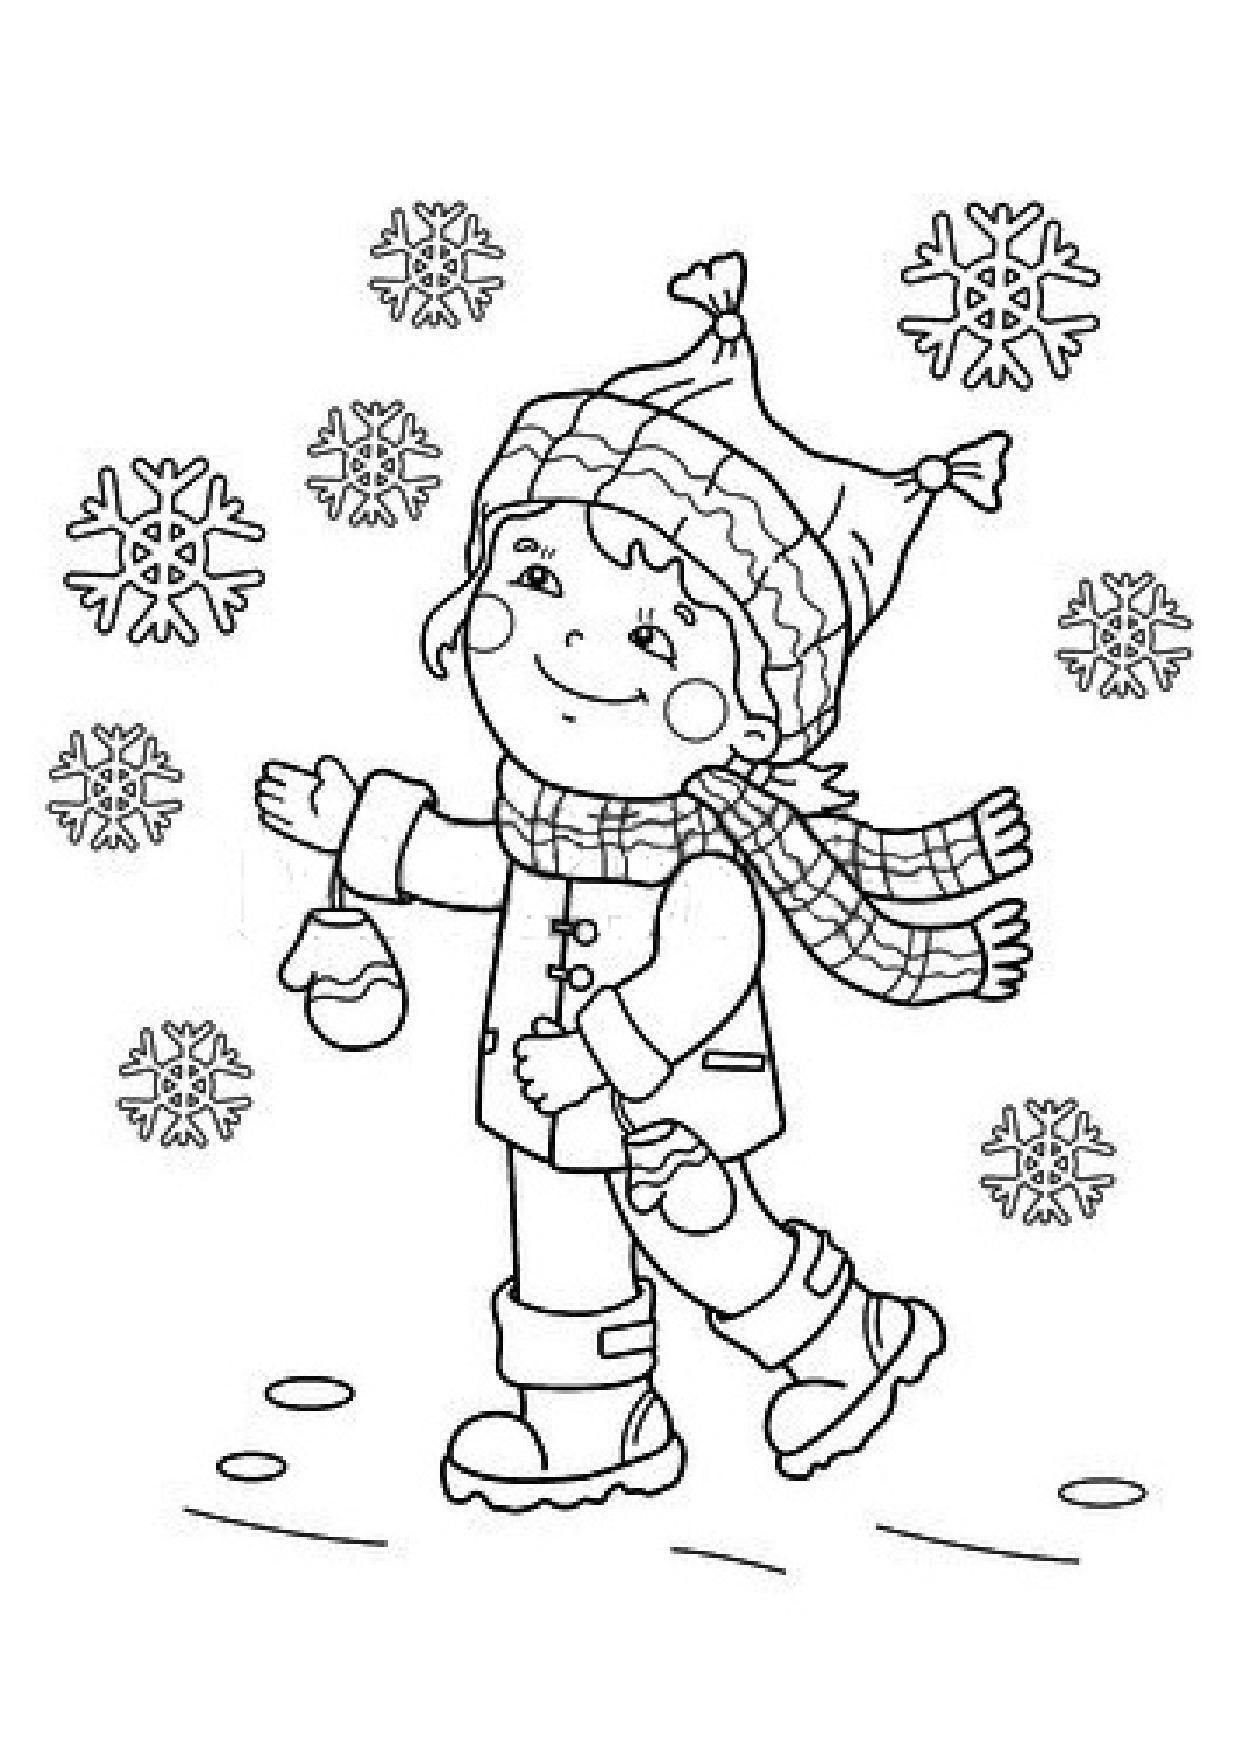 Coloriage enfant et flocons de neige - Coloriage hivers ...